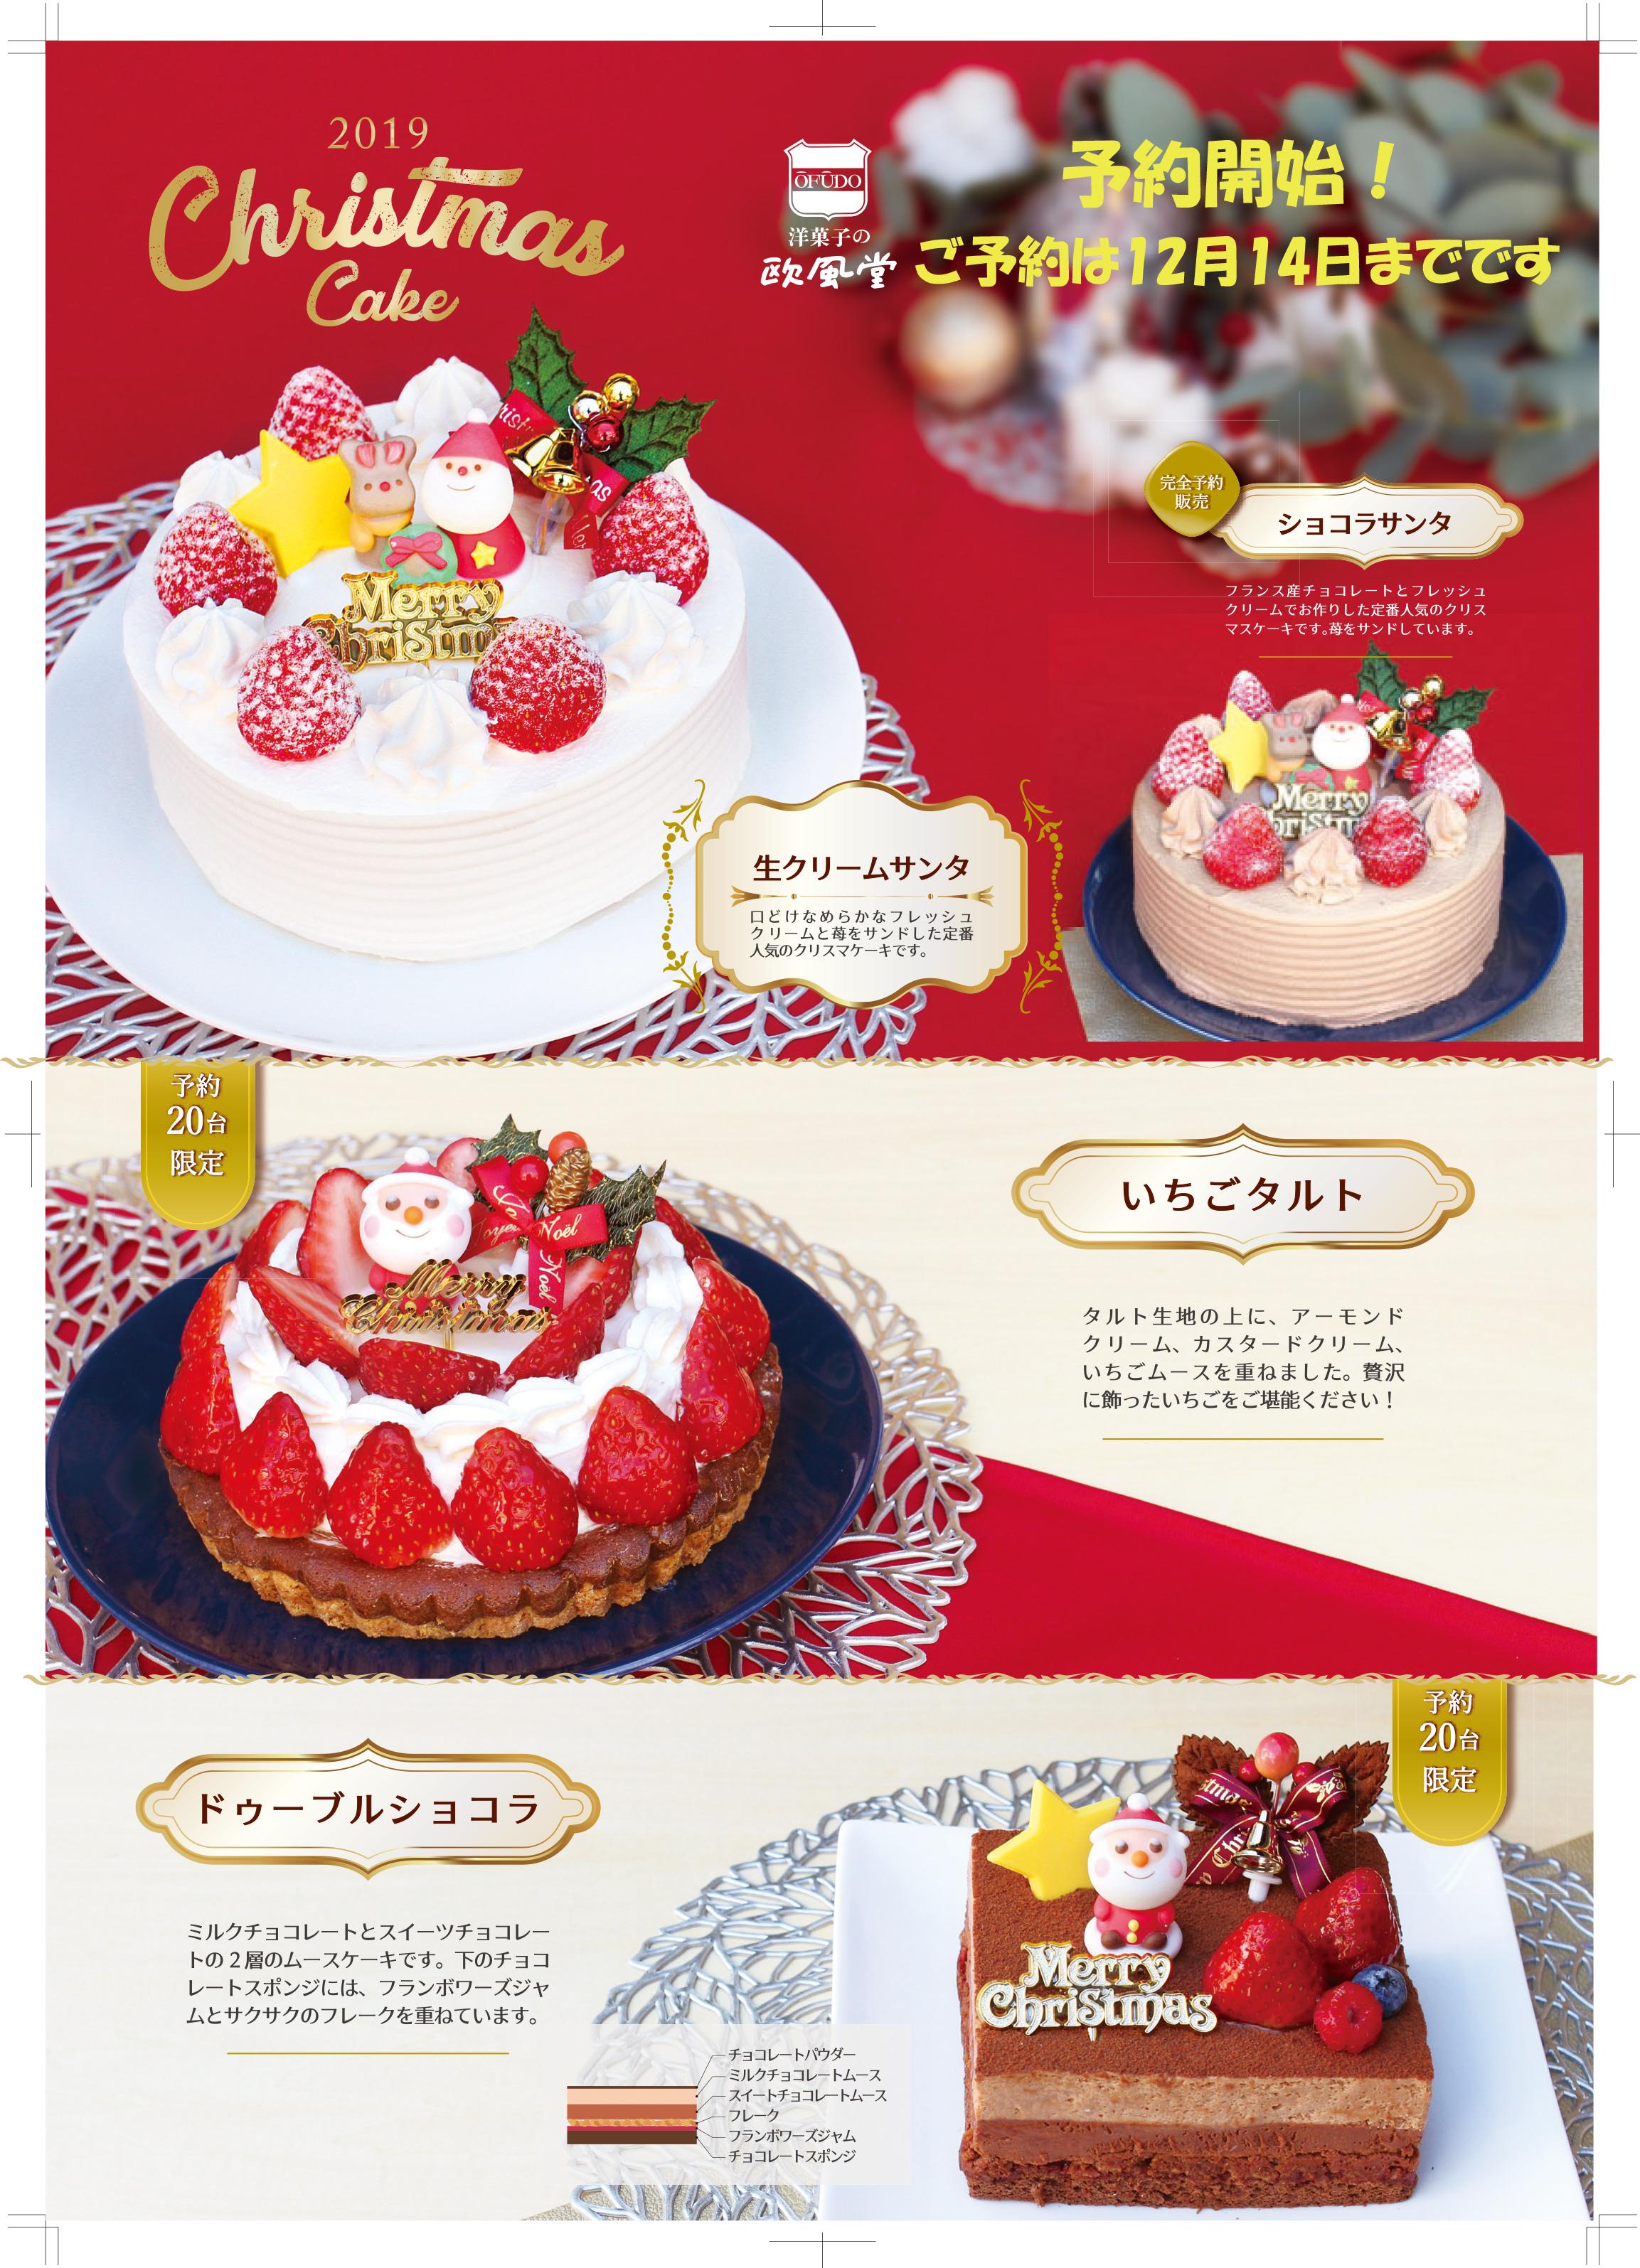 クリスマスケーキの予約を開始しました